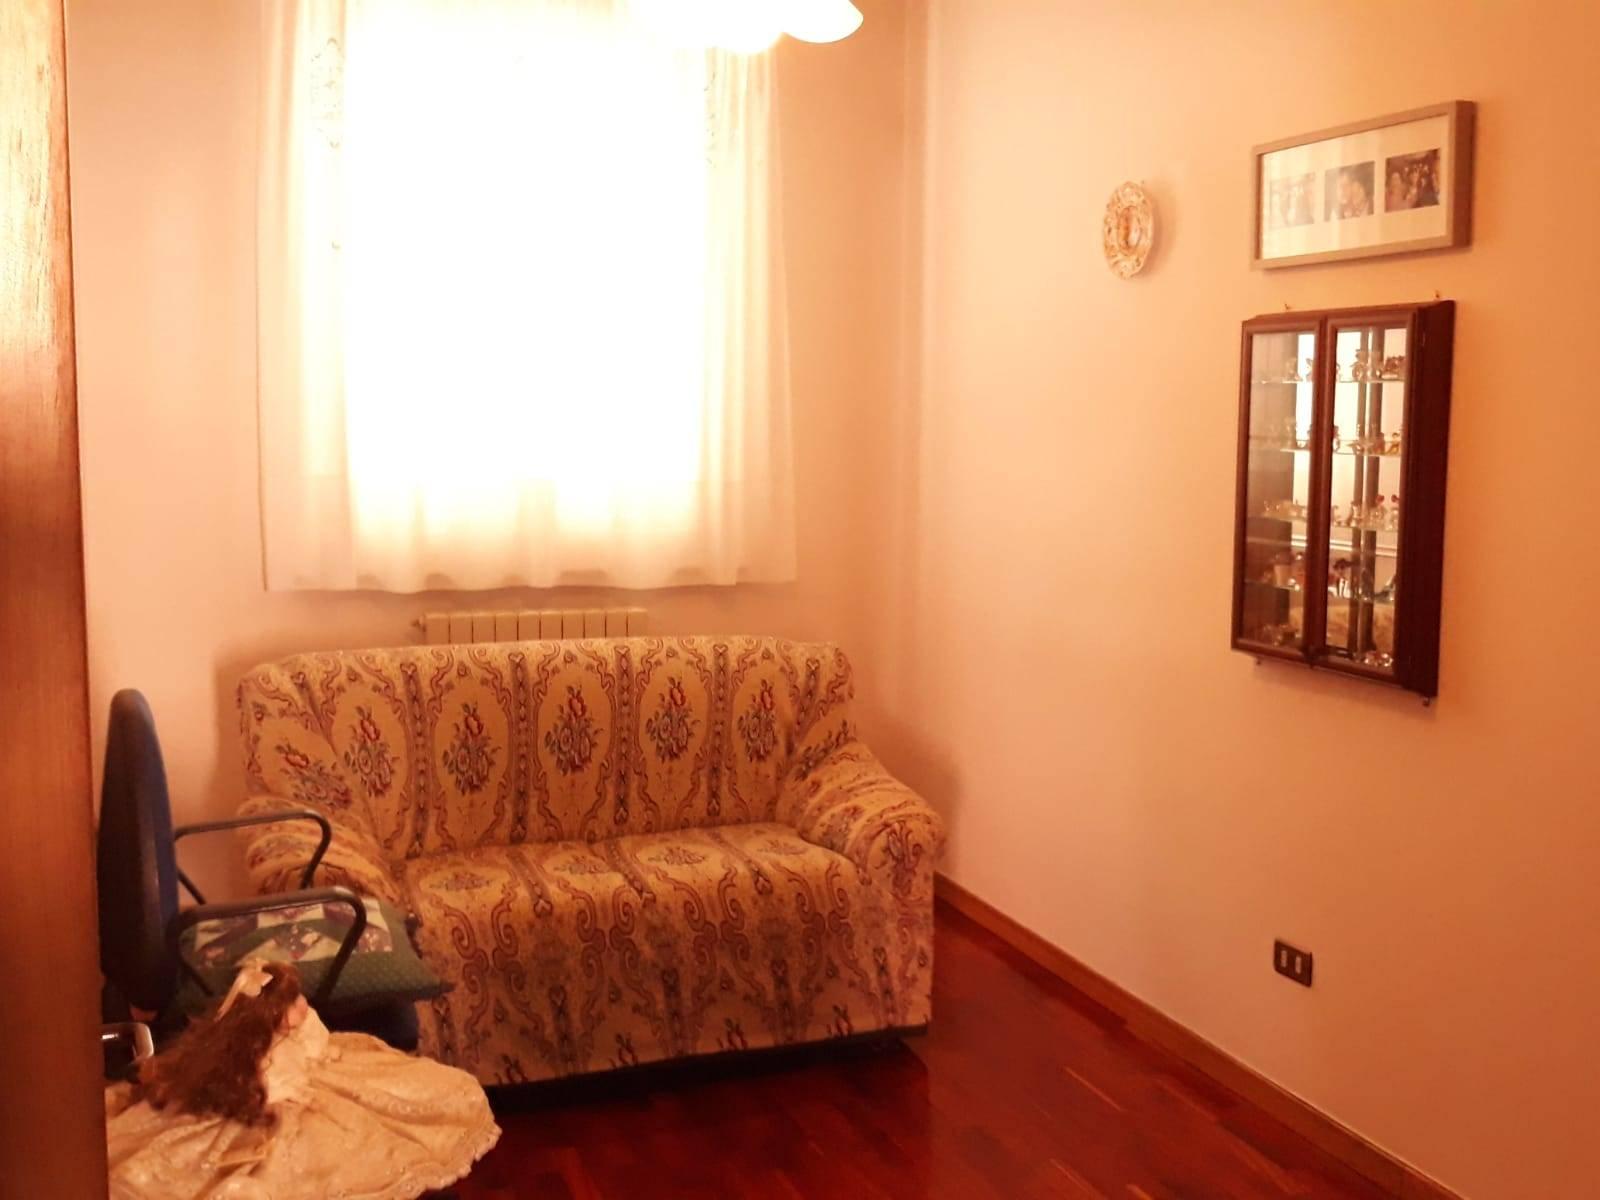 Appartamento in vendita a Macerata, 5 locali, zona ioni, prezzo € 166.000 | PortaleAgenzieImmobiliari.it